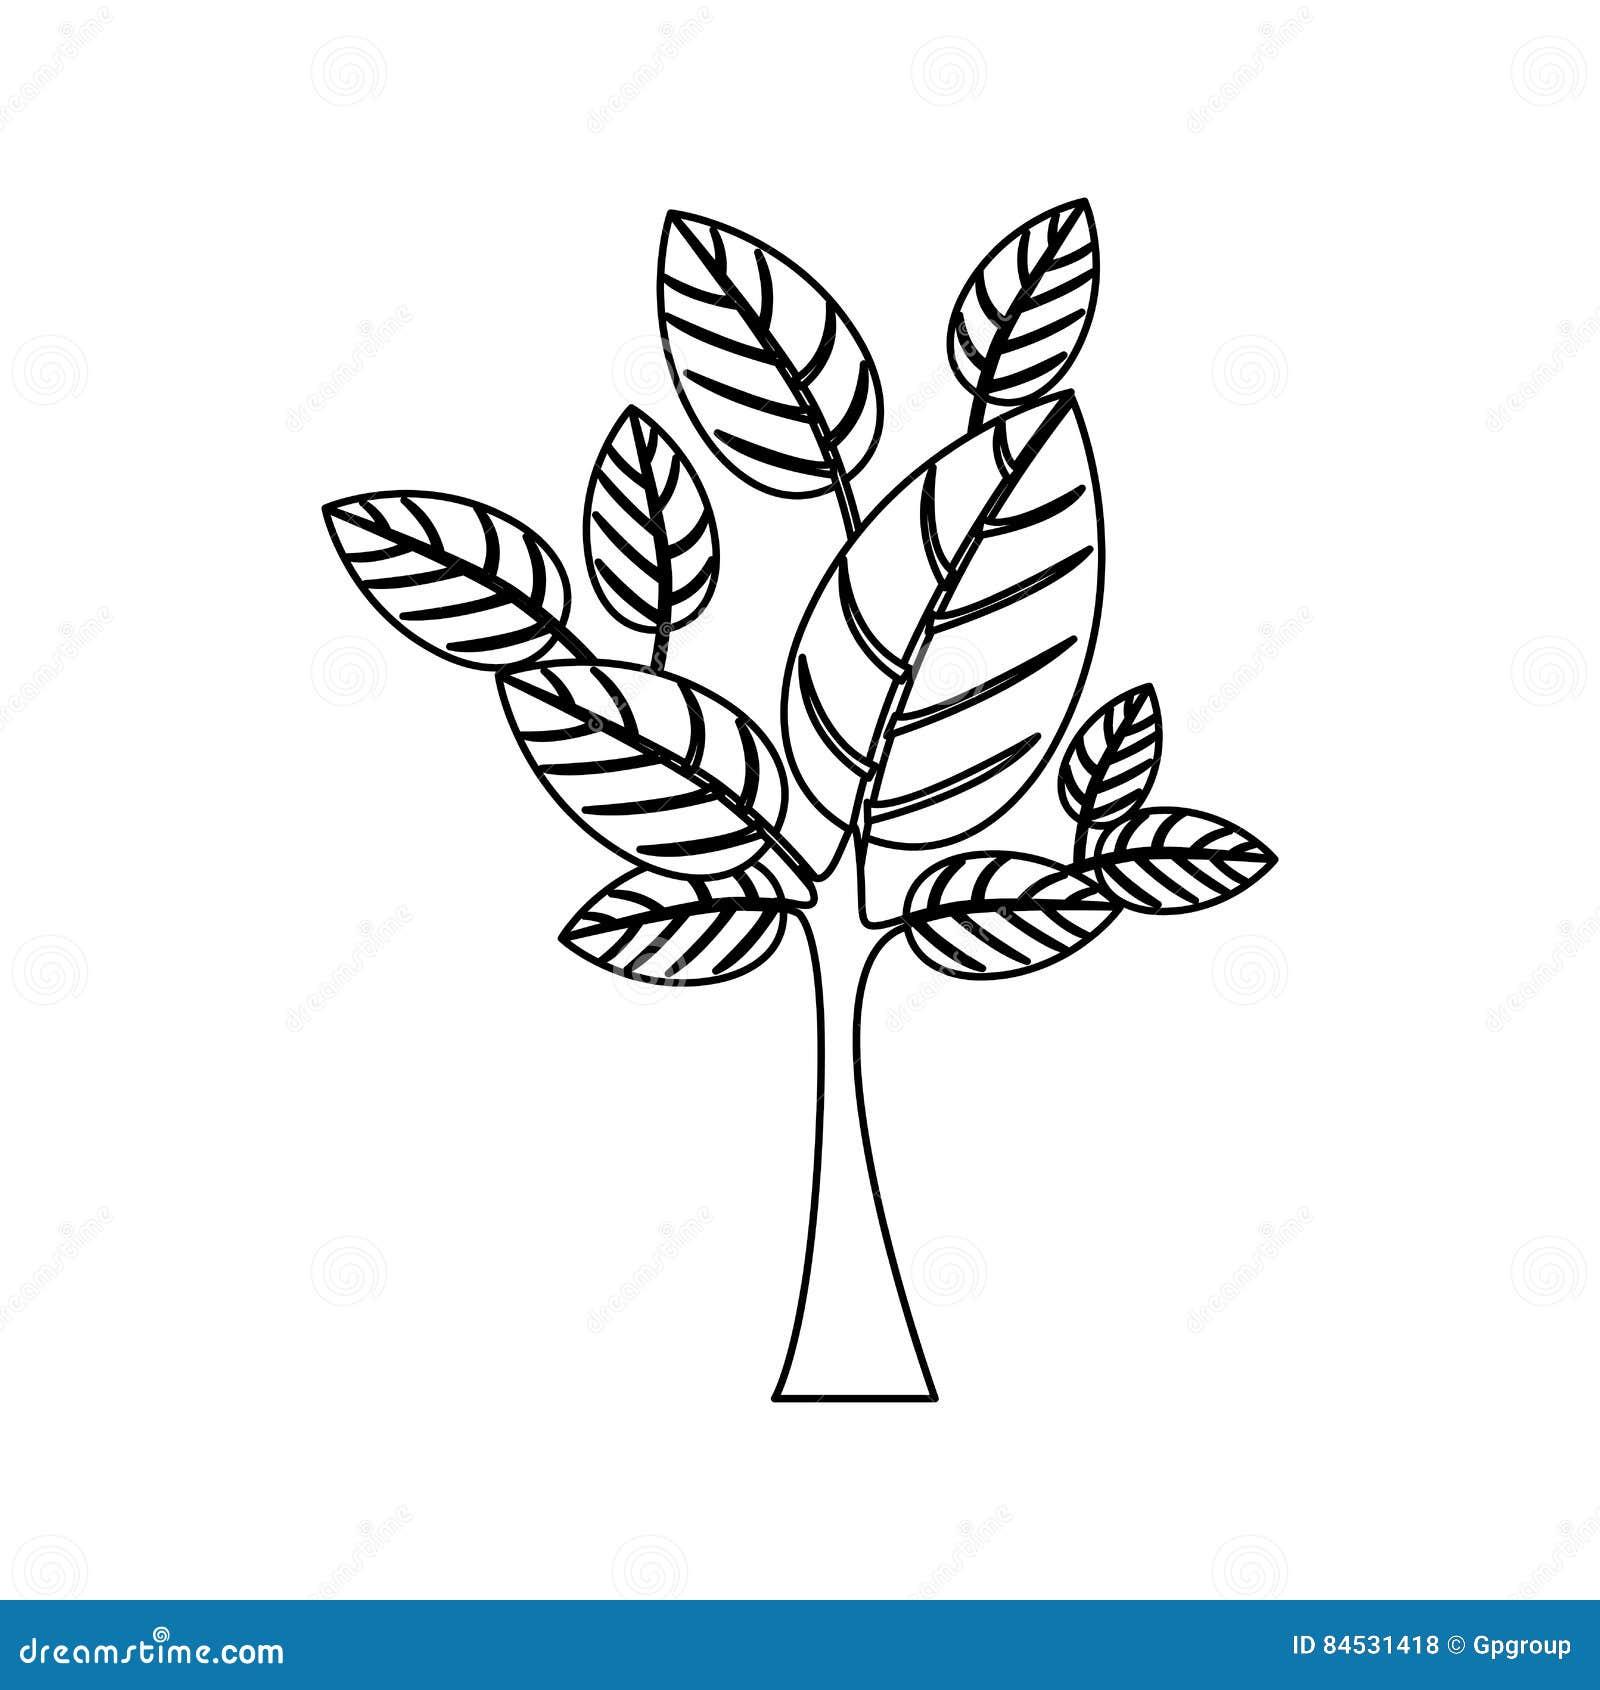 Schattenbild mit Blättern und Stamm